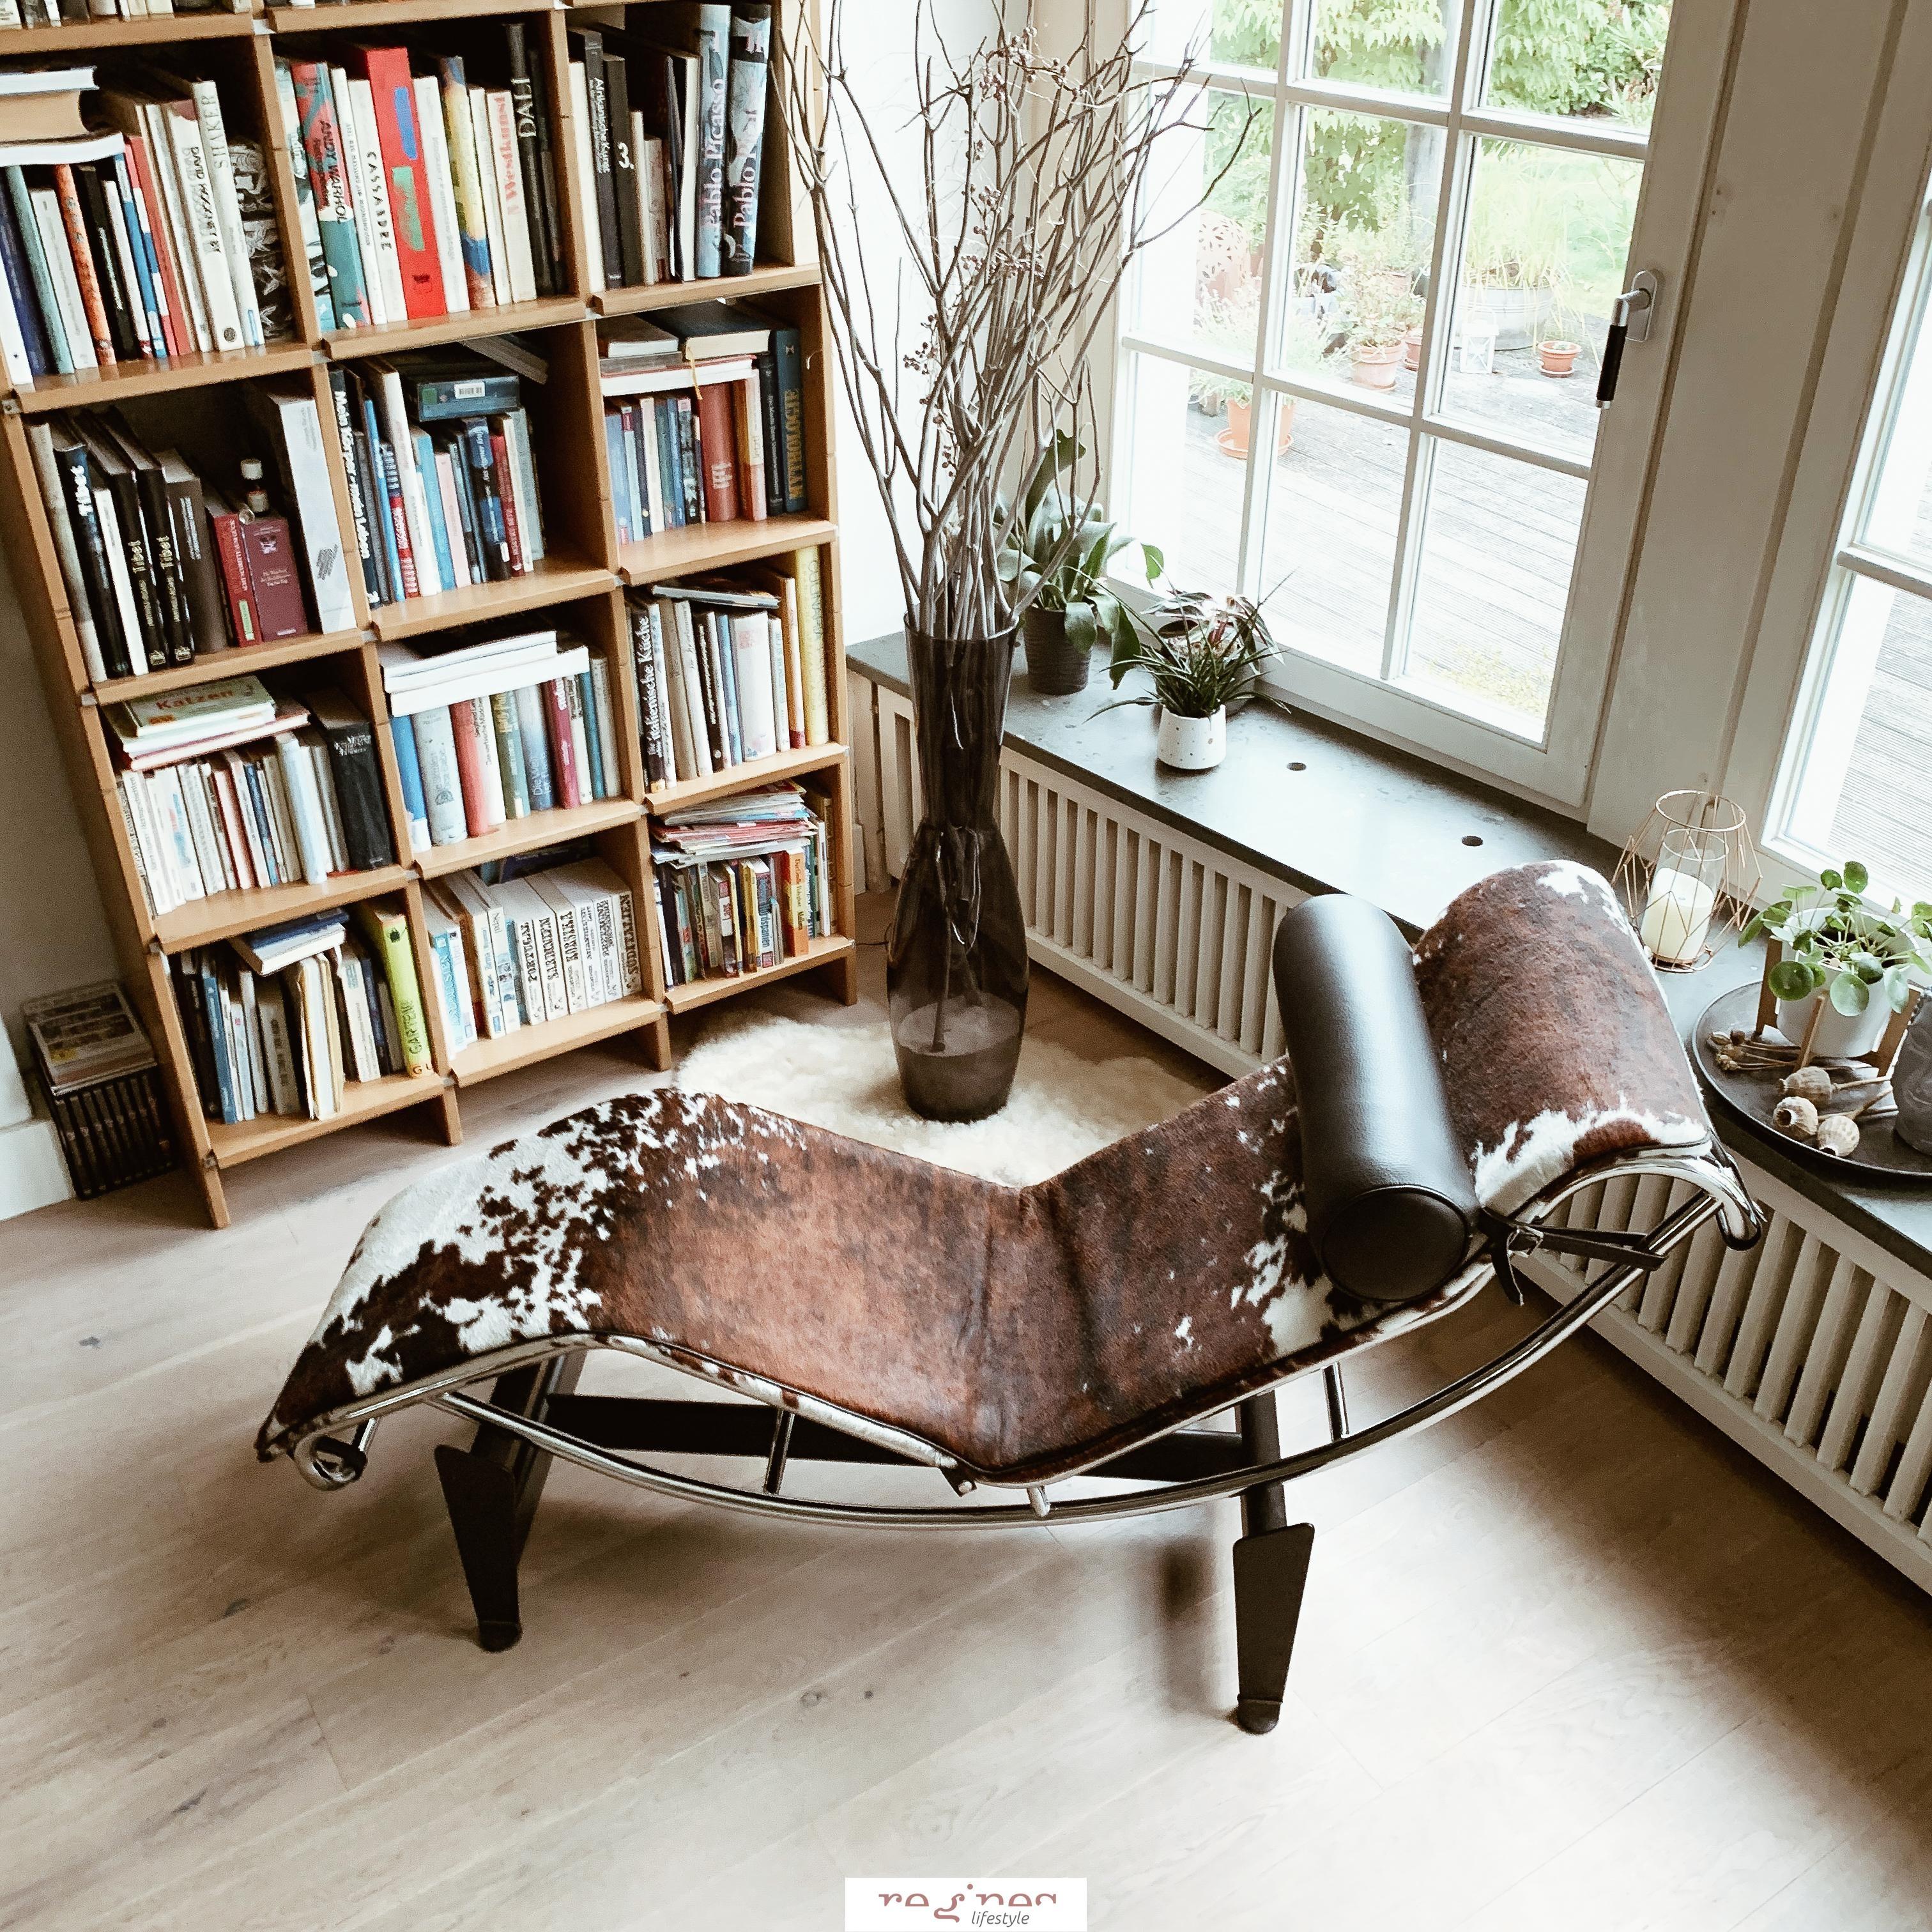 Unsere Leseecke im Wohnzimm #wohnzimmer #leseeck